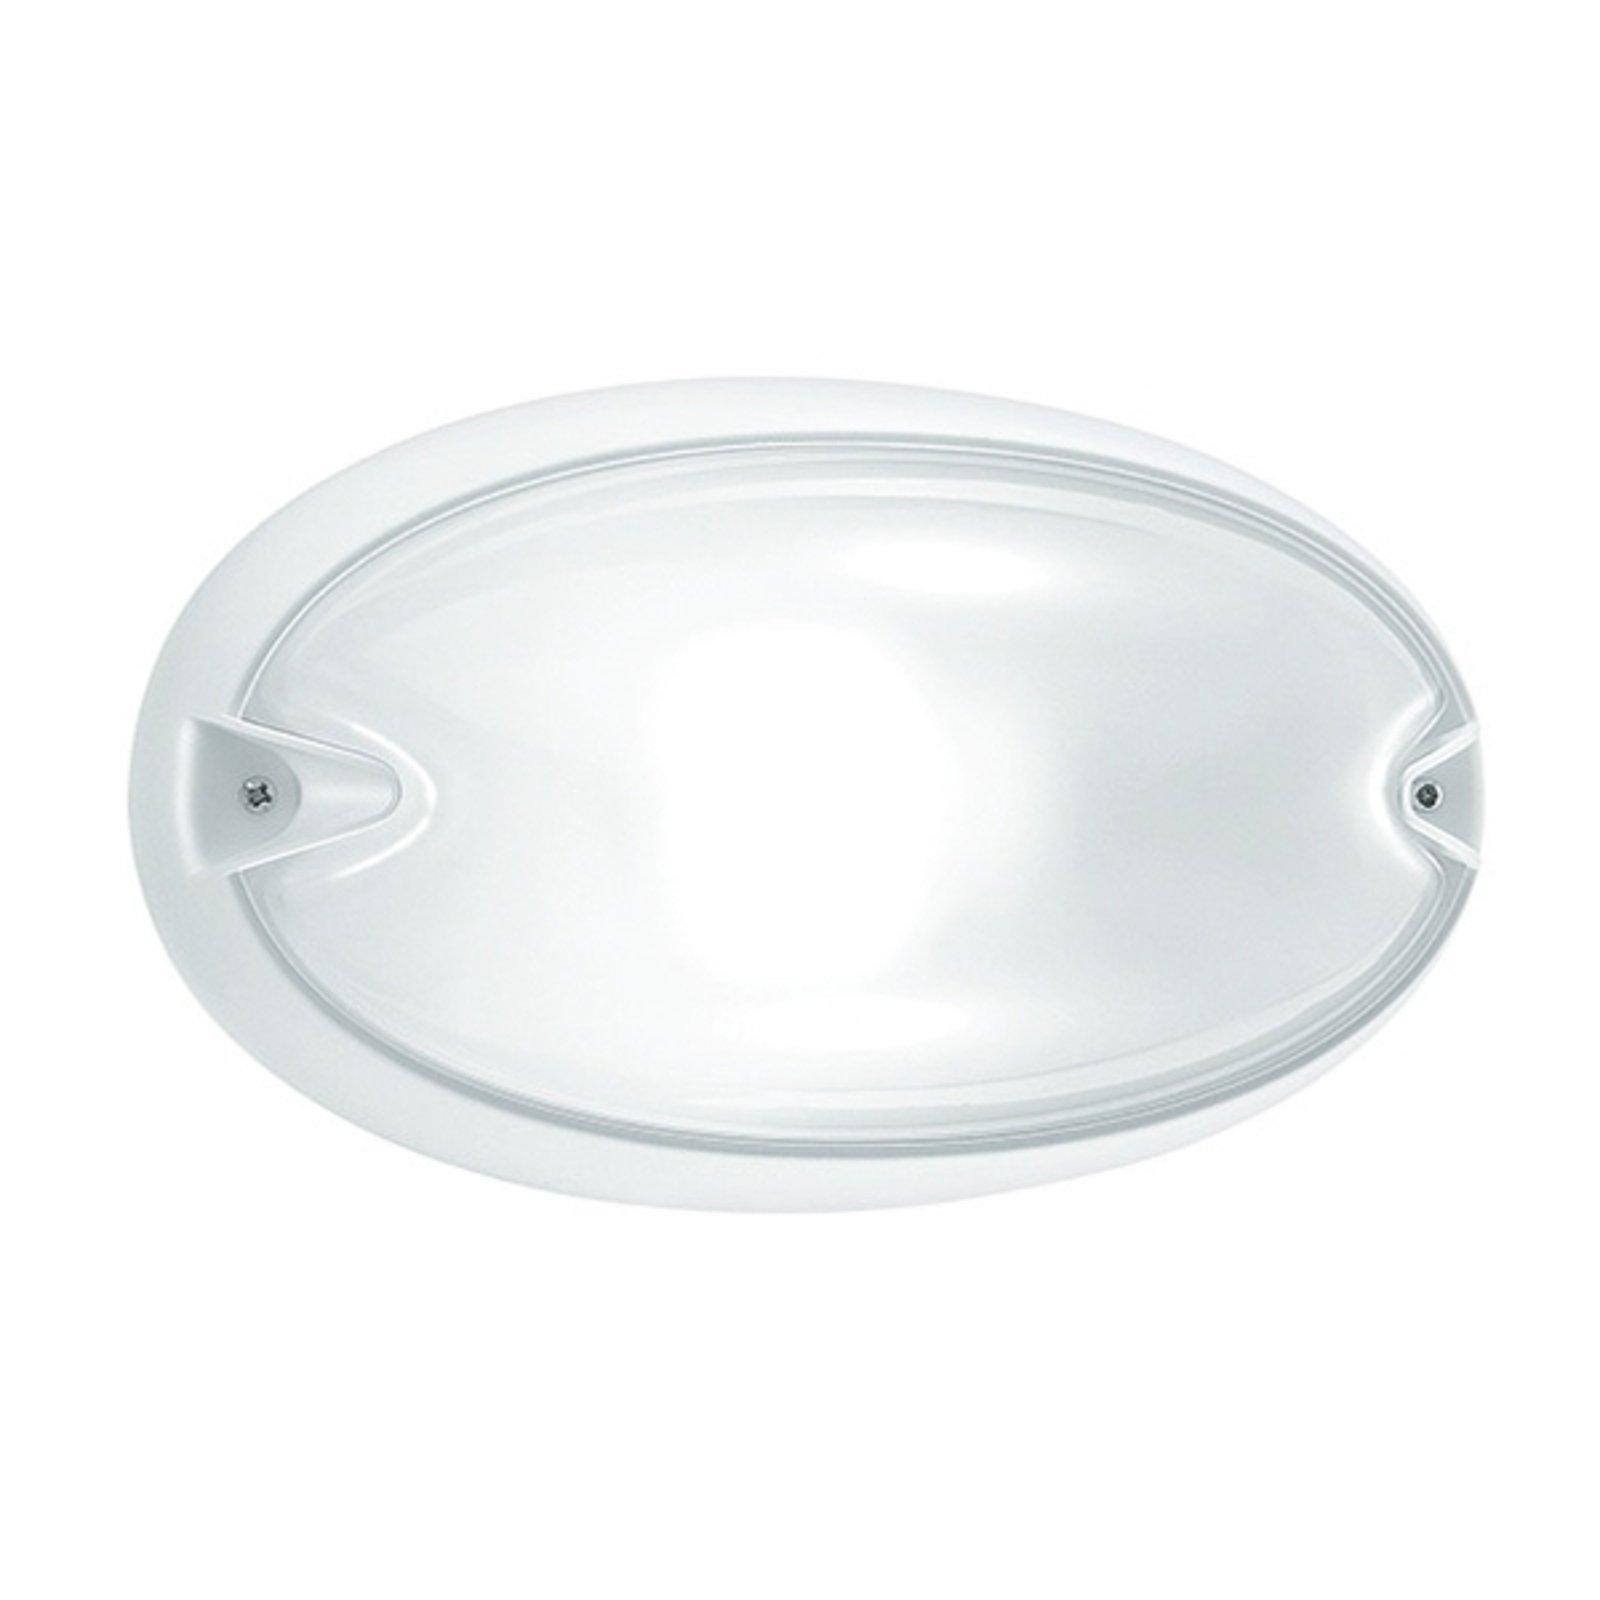 Oval Chip utendørs vegglampe i hvit